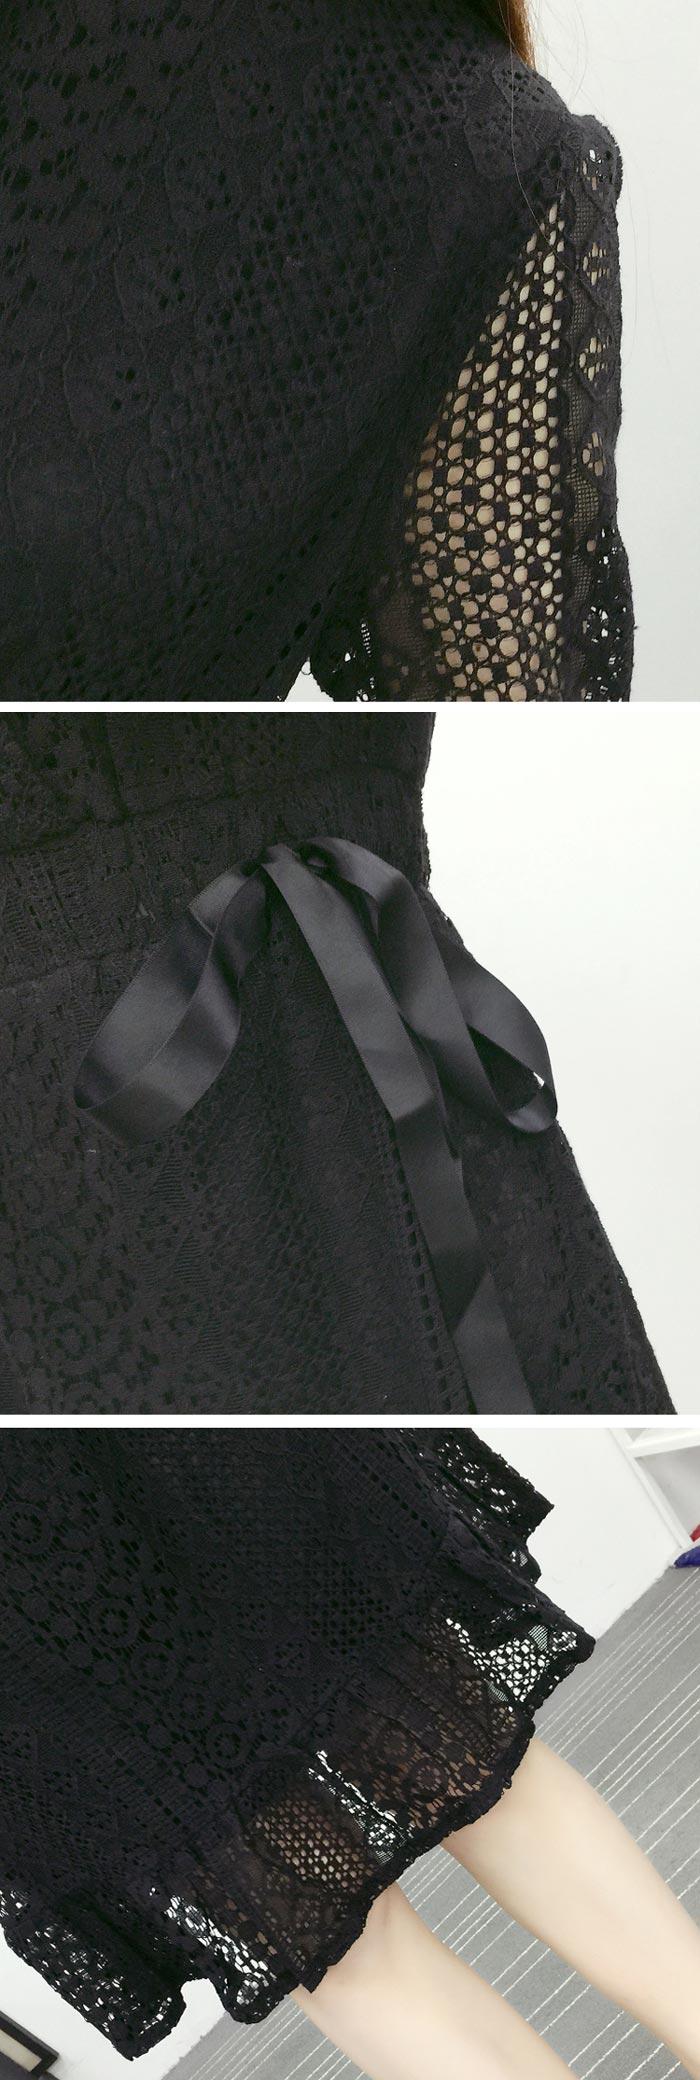 ชุดเดรสลูกไม้สีขาว ชุดผ้าลูกไม้สวยๆ น่ารักๆ แฟชั่นเกาหลี แบบจุดกระดุม แขนยาว